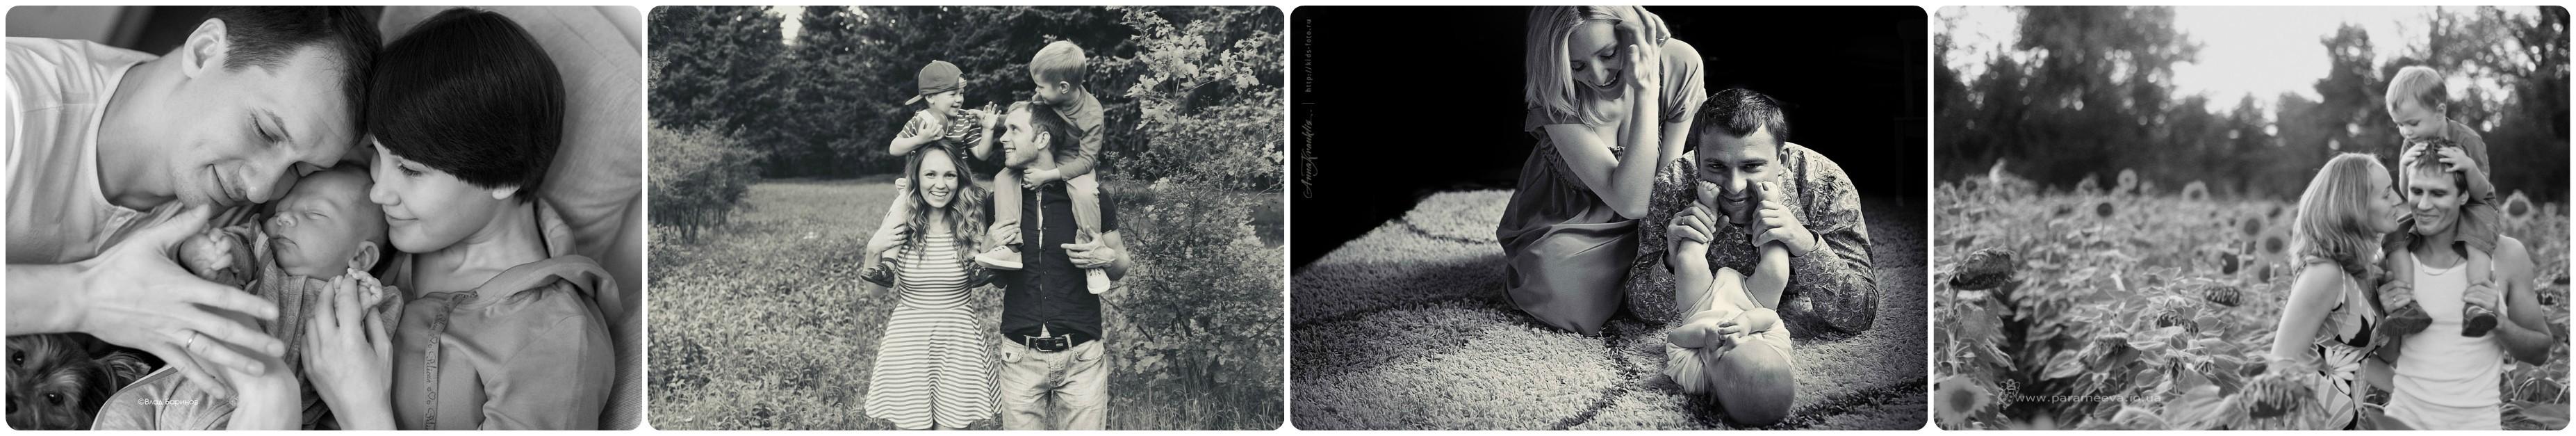 сімейні фотосесії ідеї